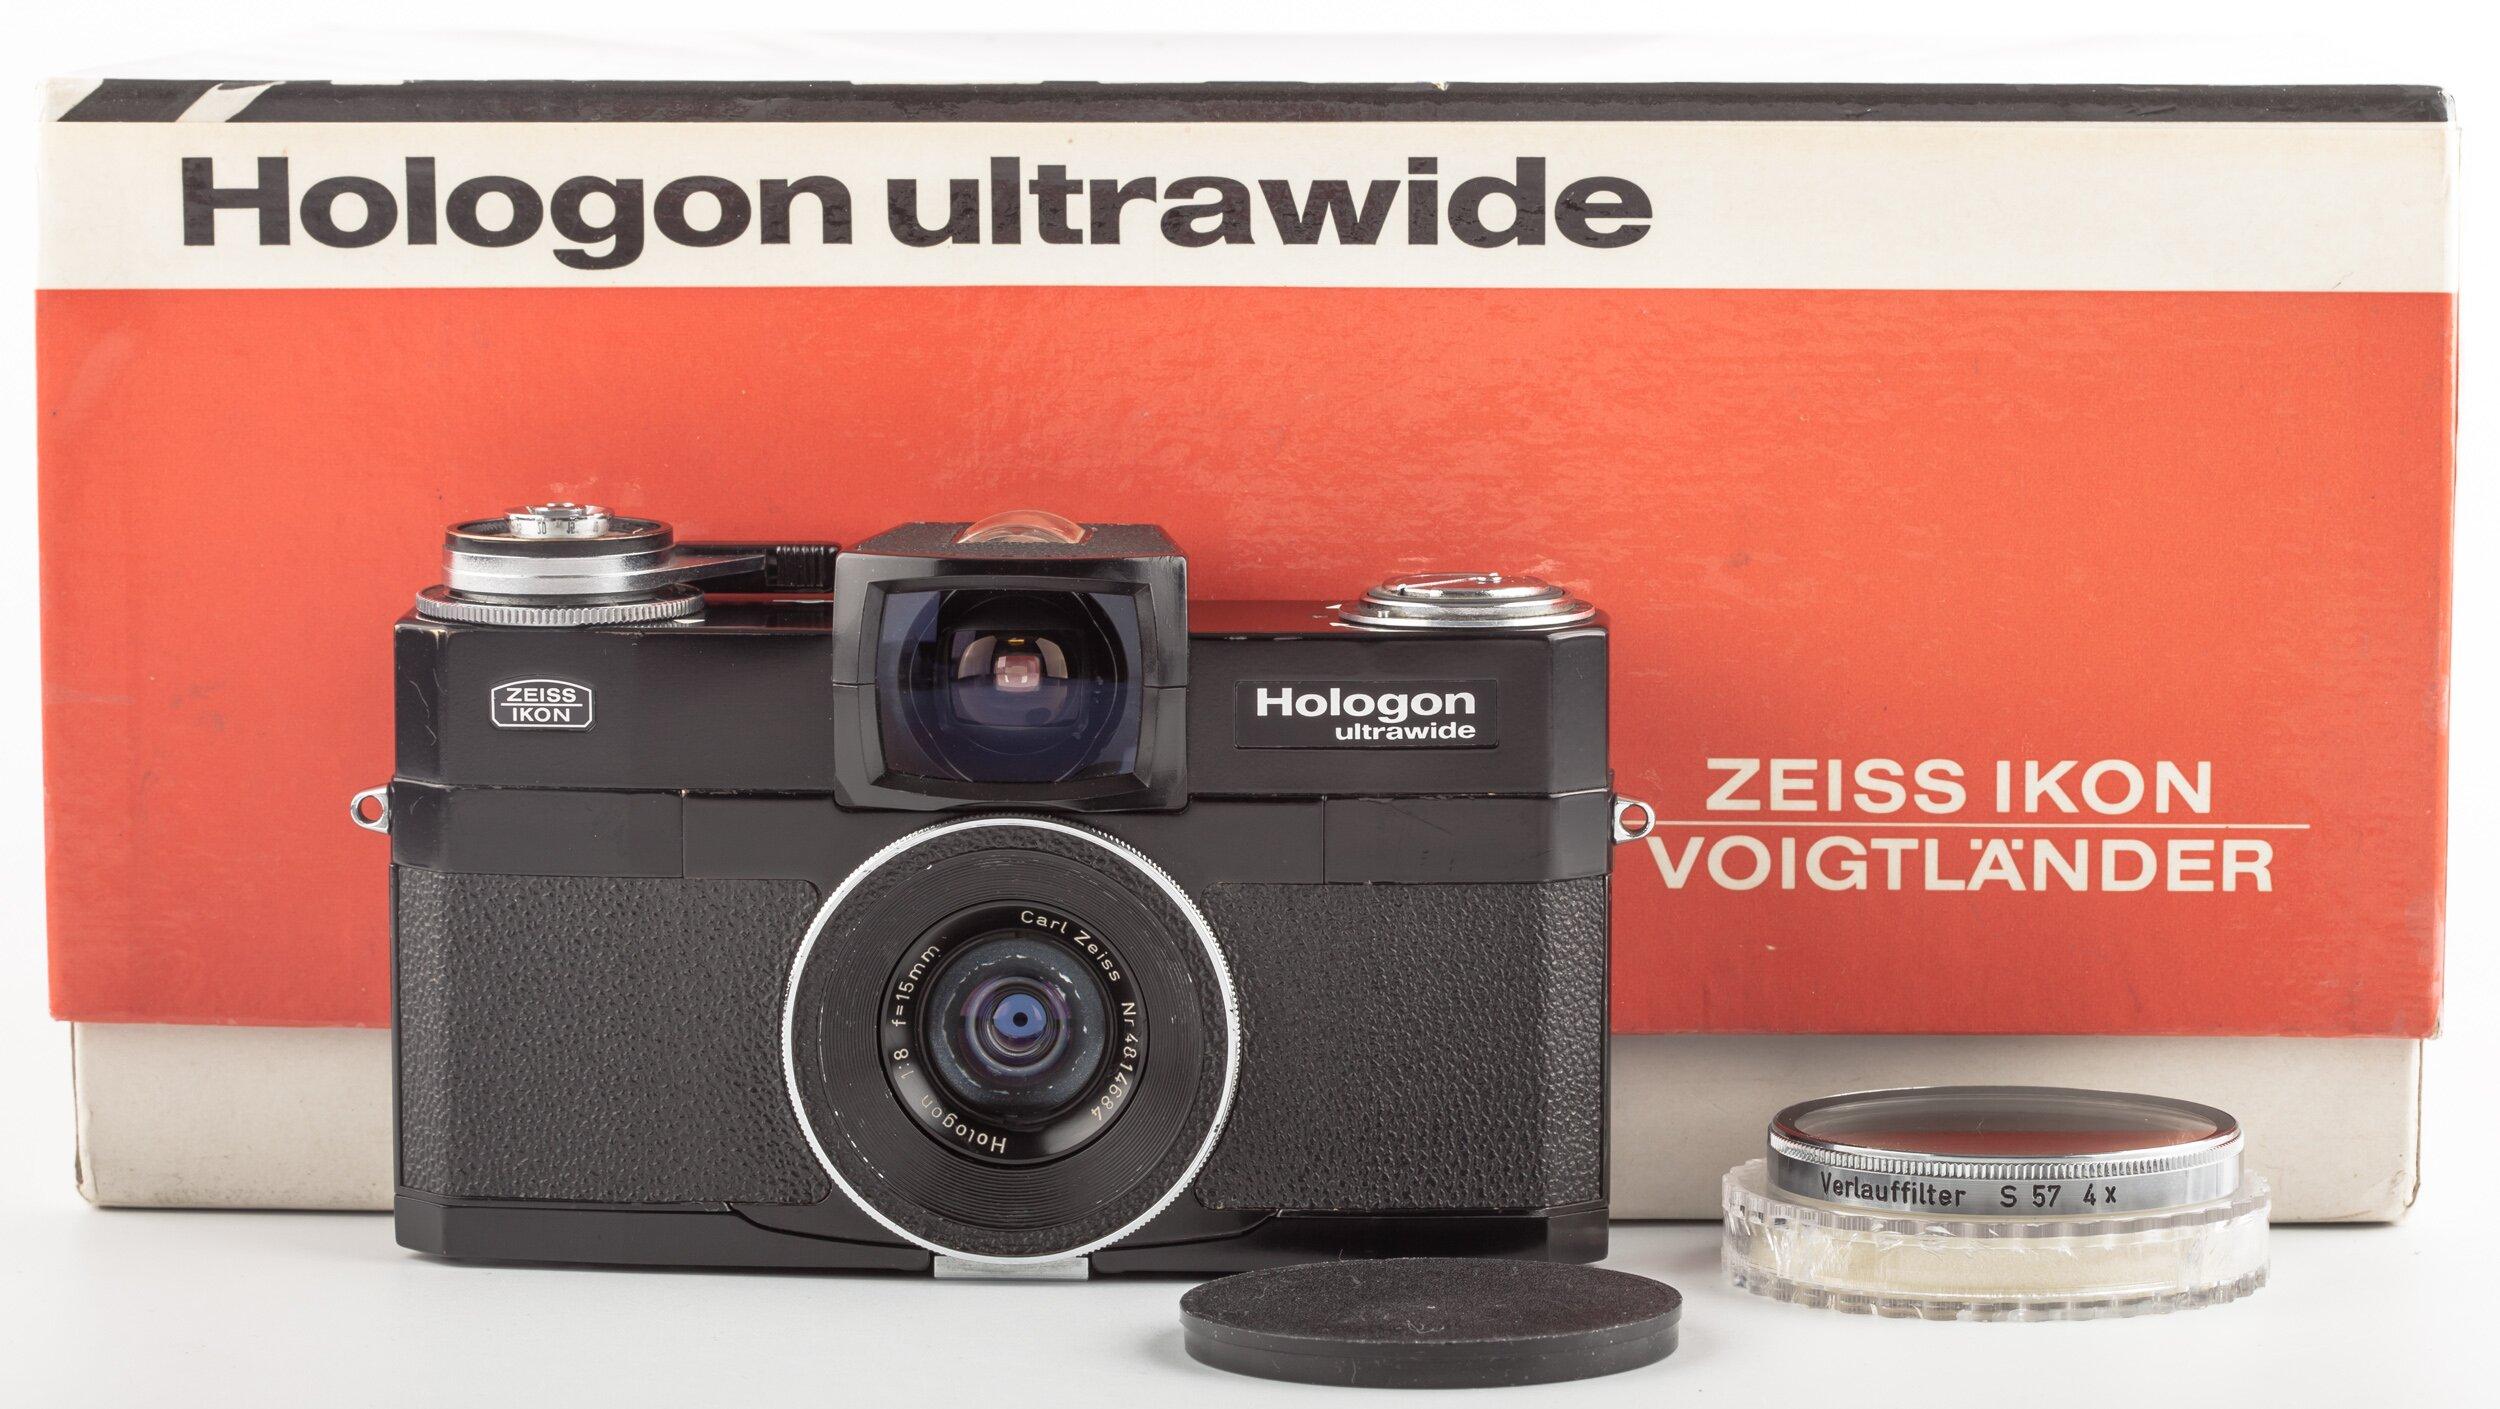 Zeiss Ikon Contarex Hologon Ultrawide mit Zeiss hollogon 8/15mm